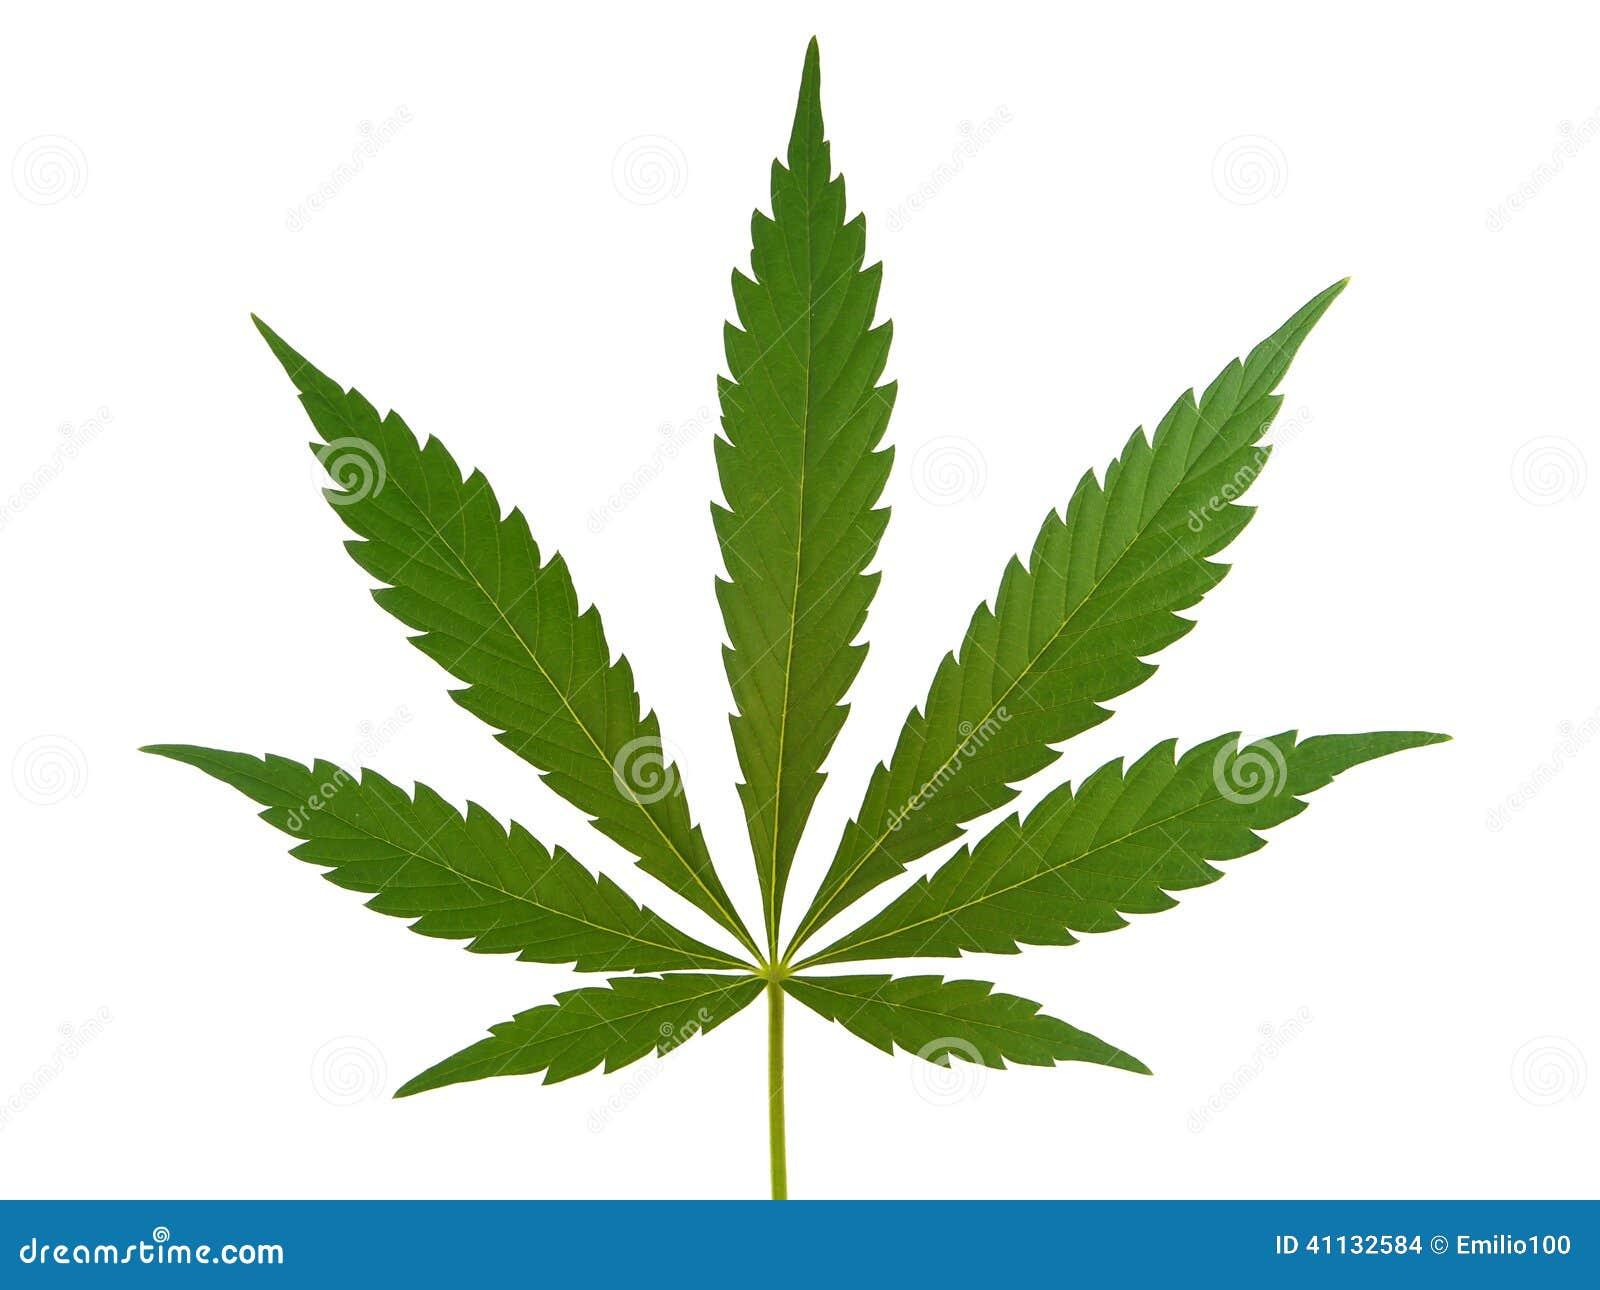 大麻叶子,大麻叶子